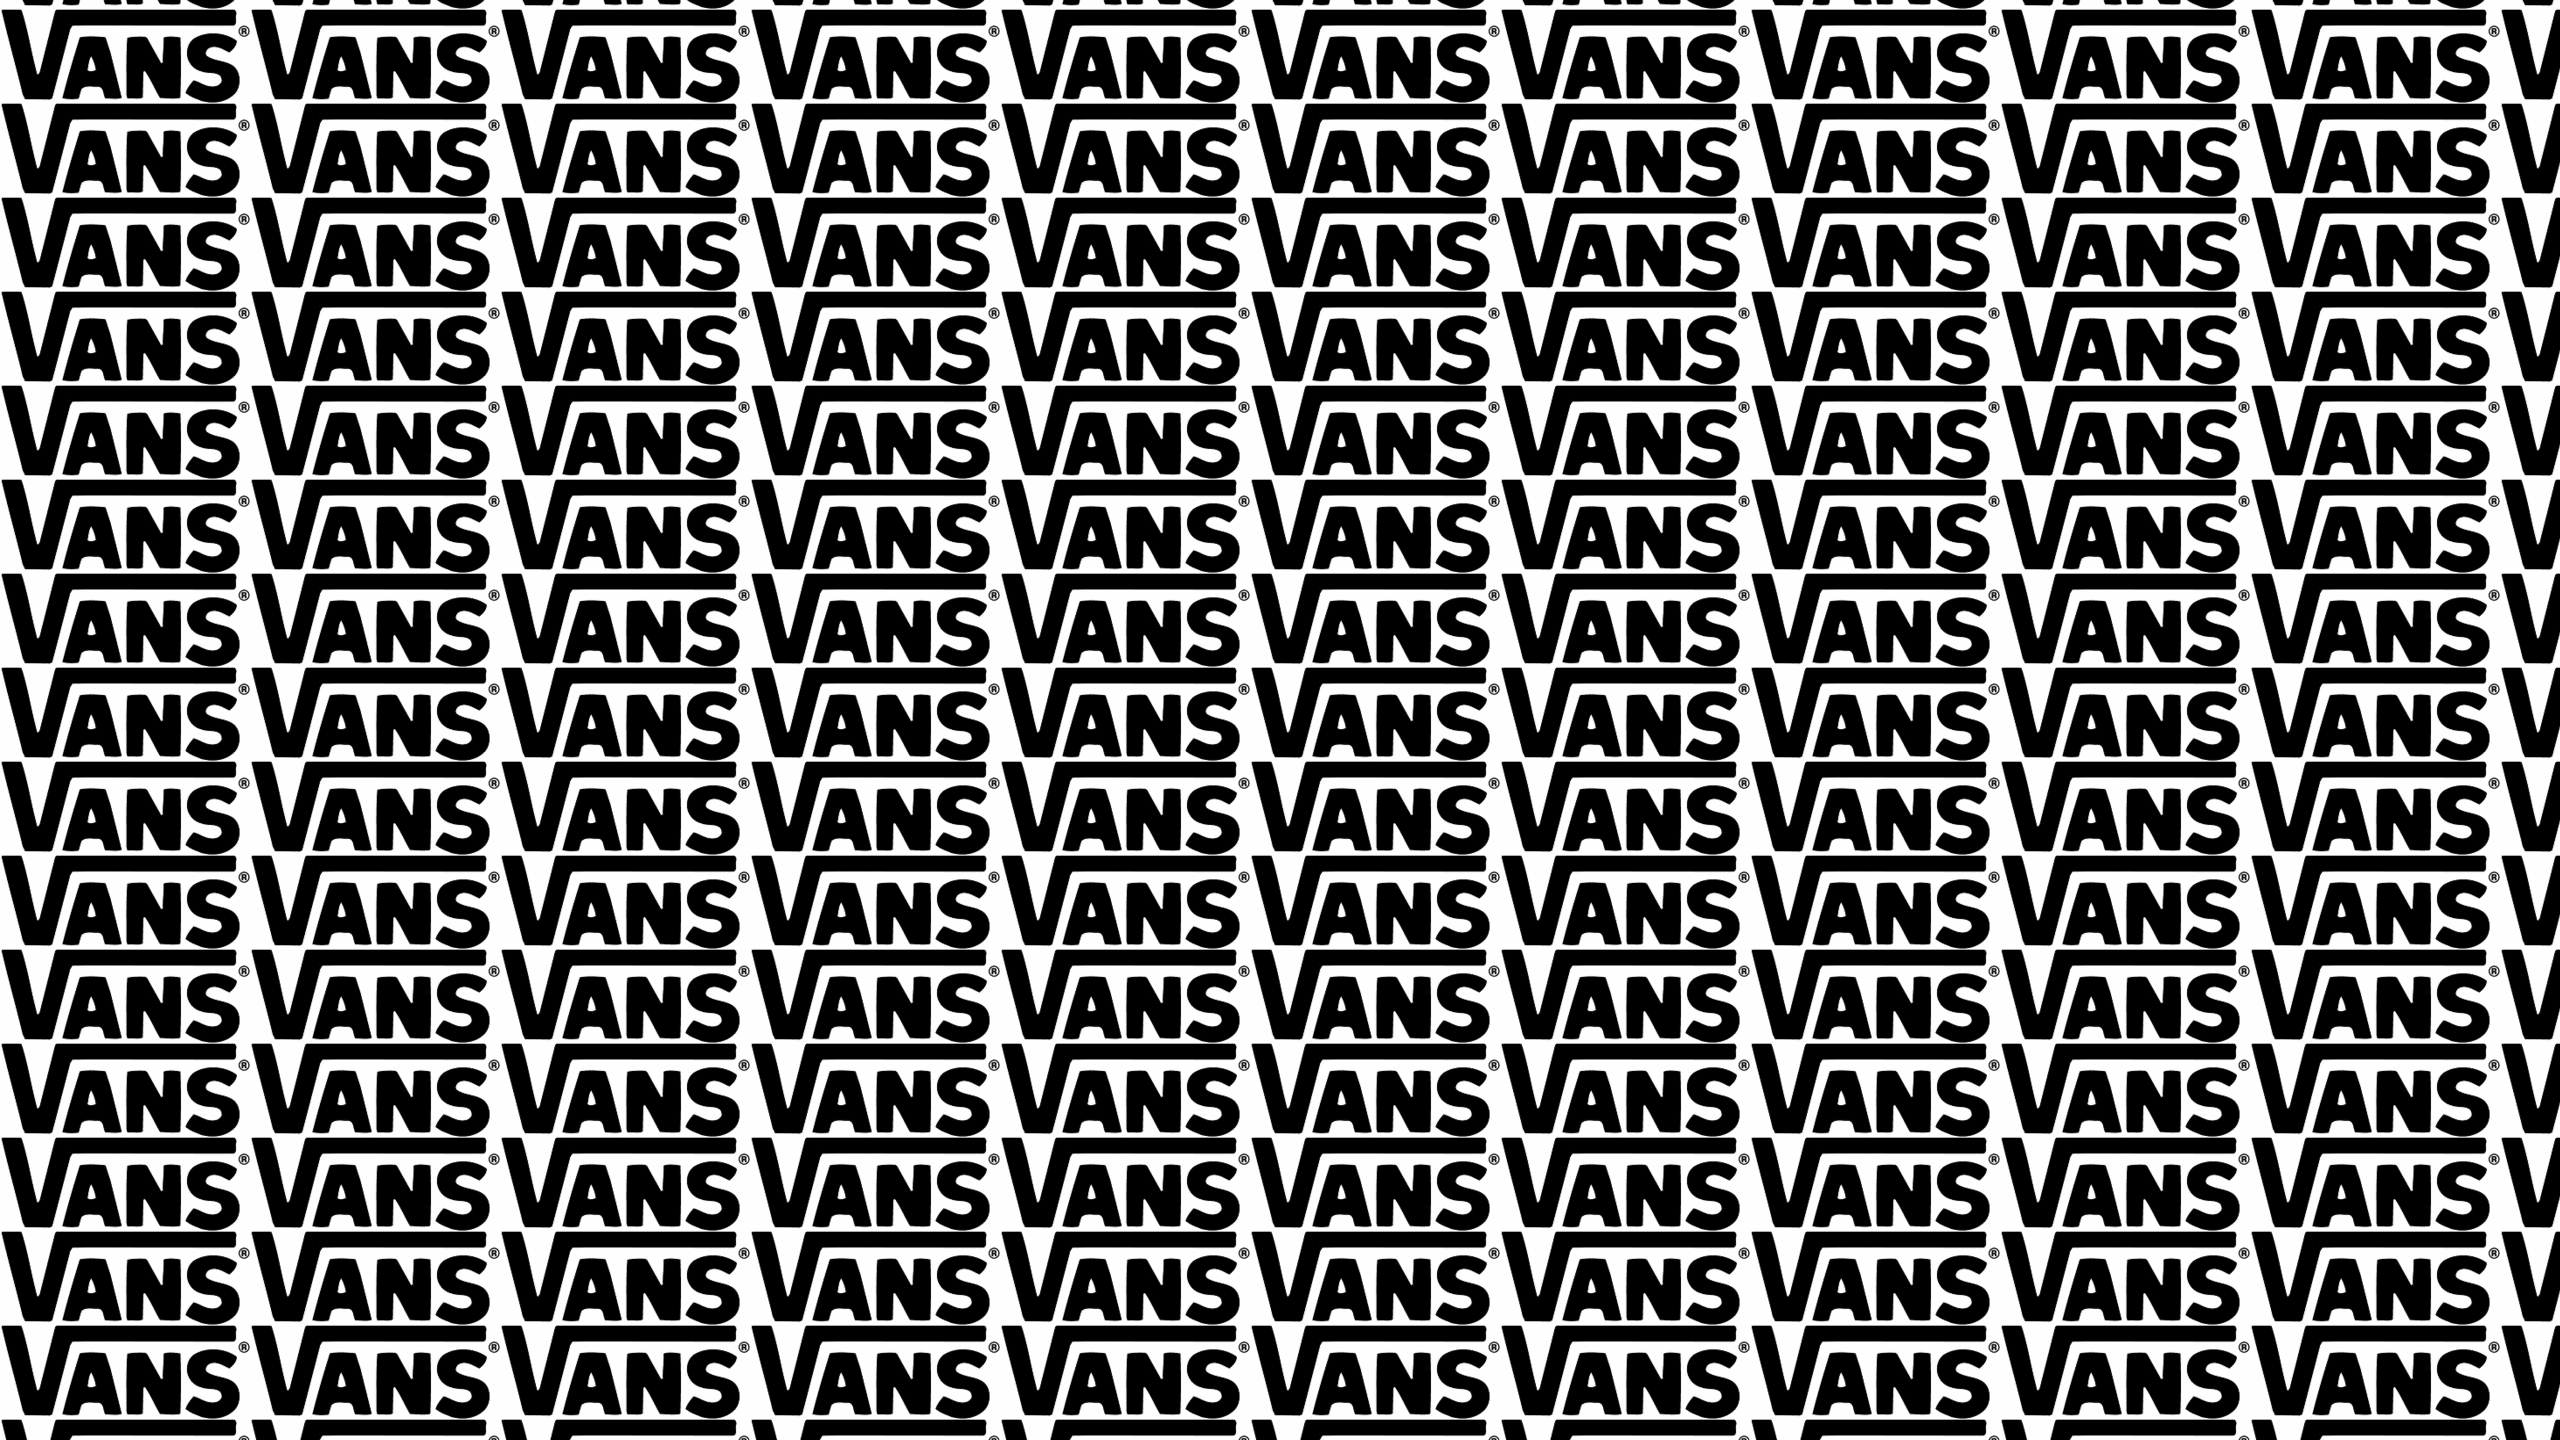 Vans Logo Tumblr Background Vans desktop wallpaper 2560x1440